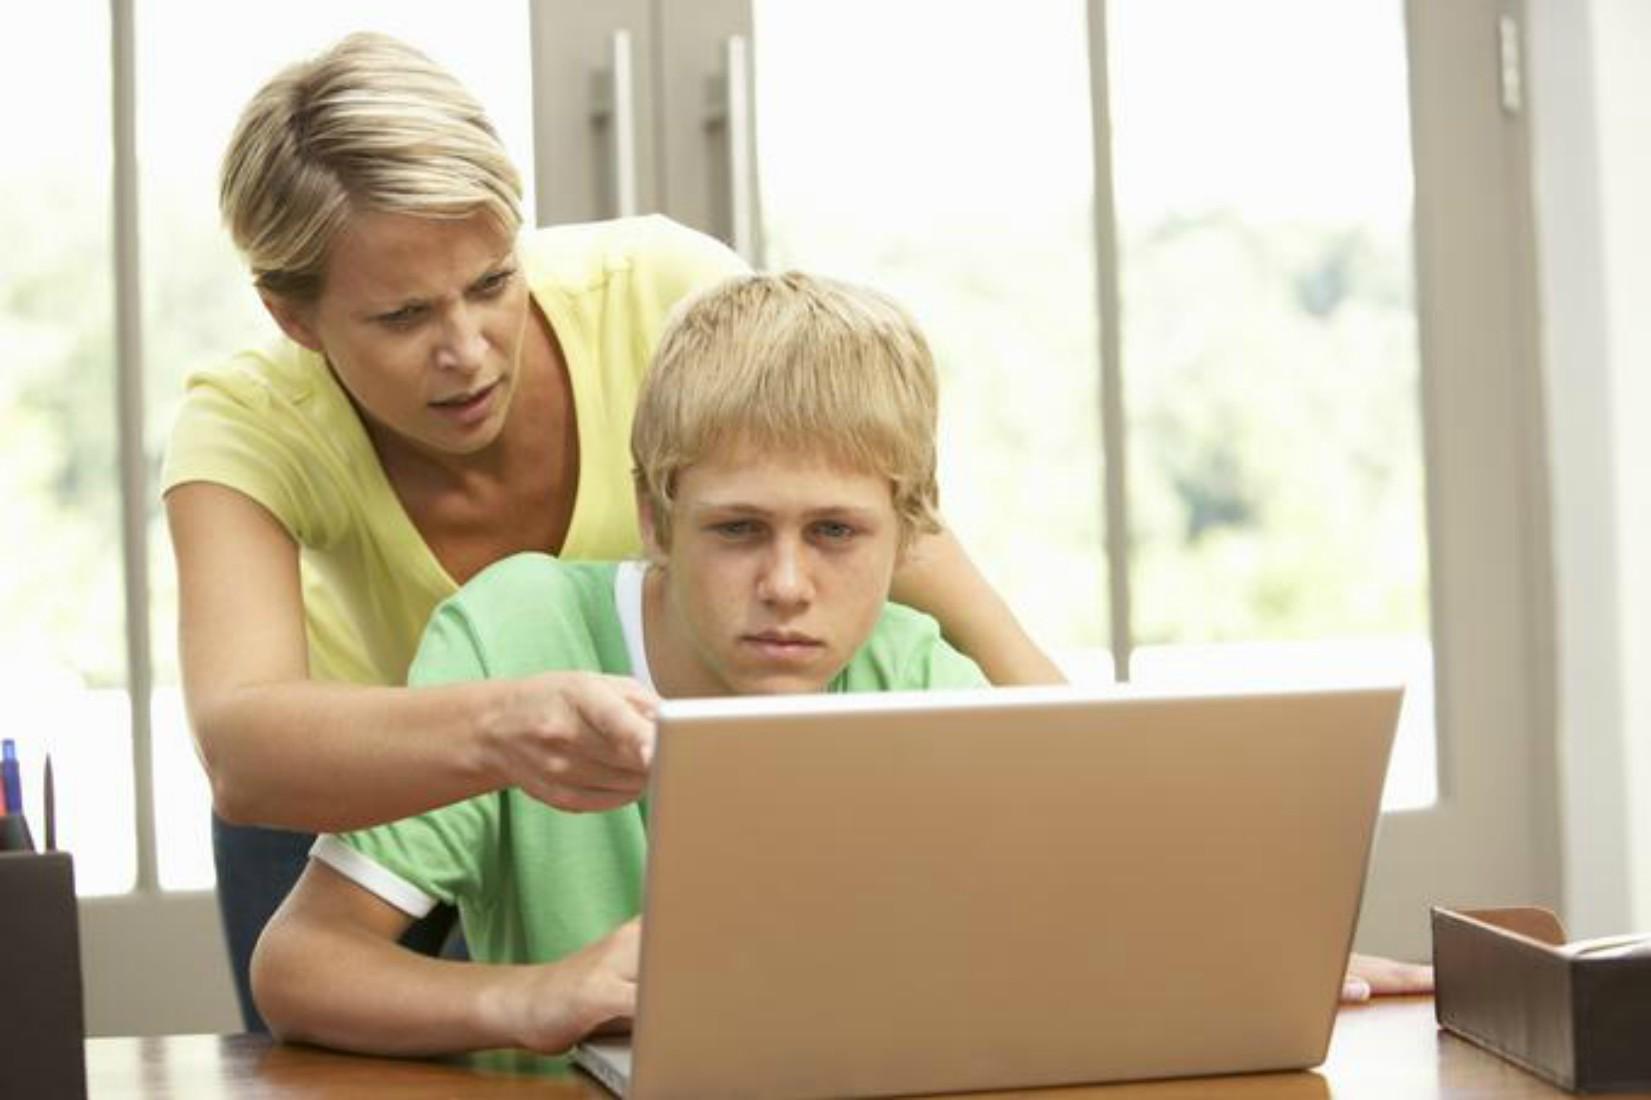 Zakaj morajo starši delati otrokove naloge?